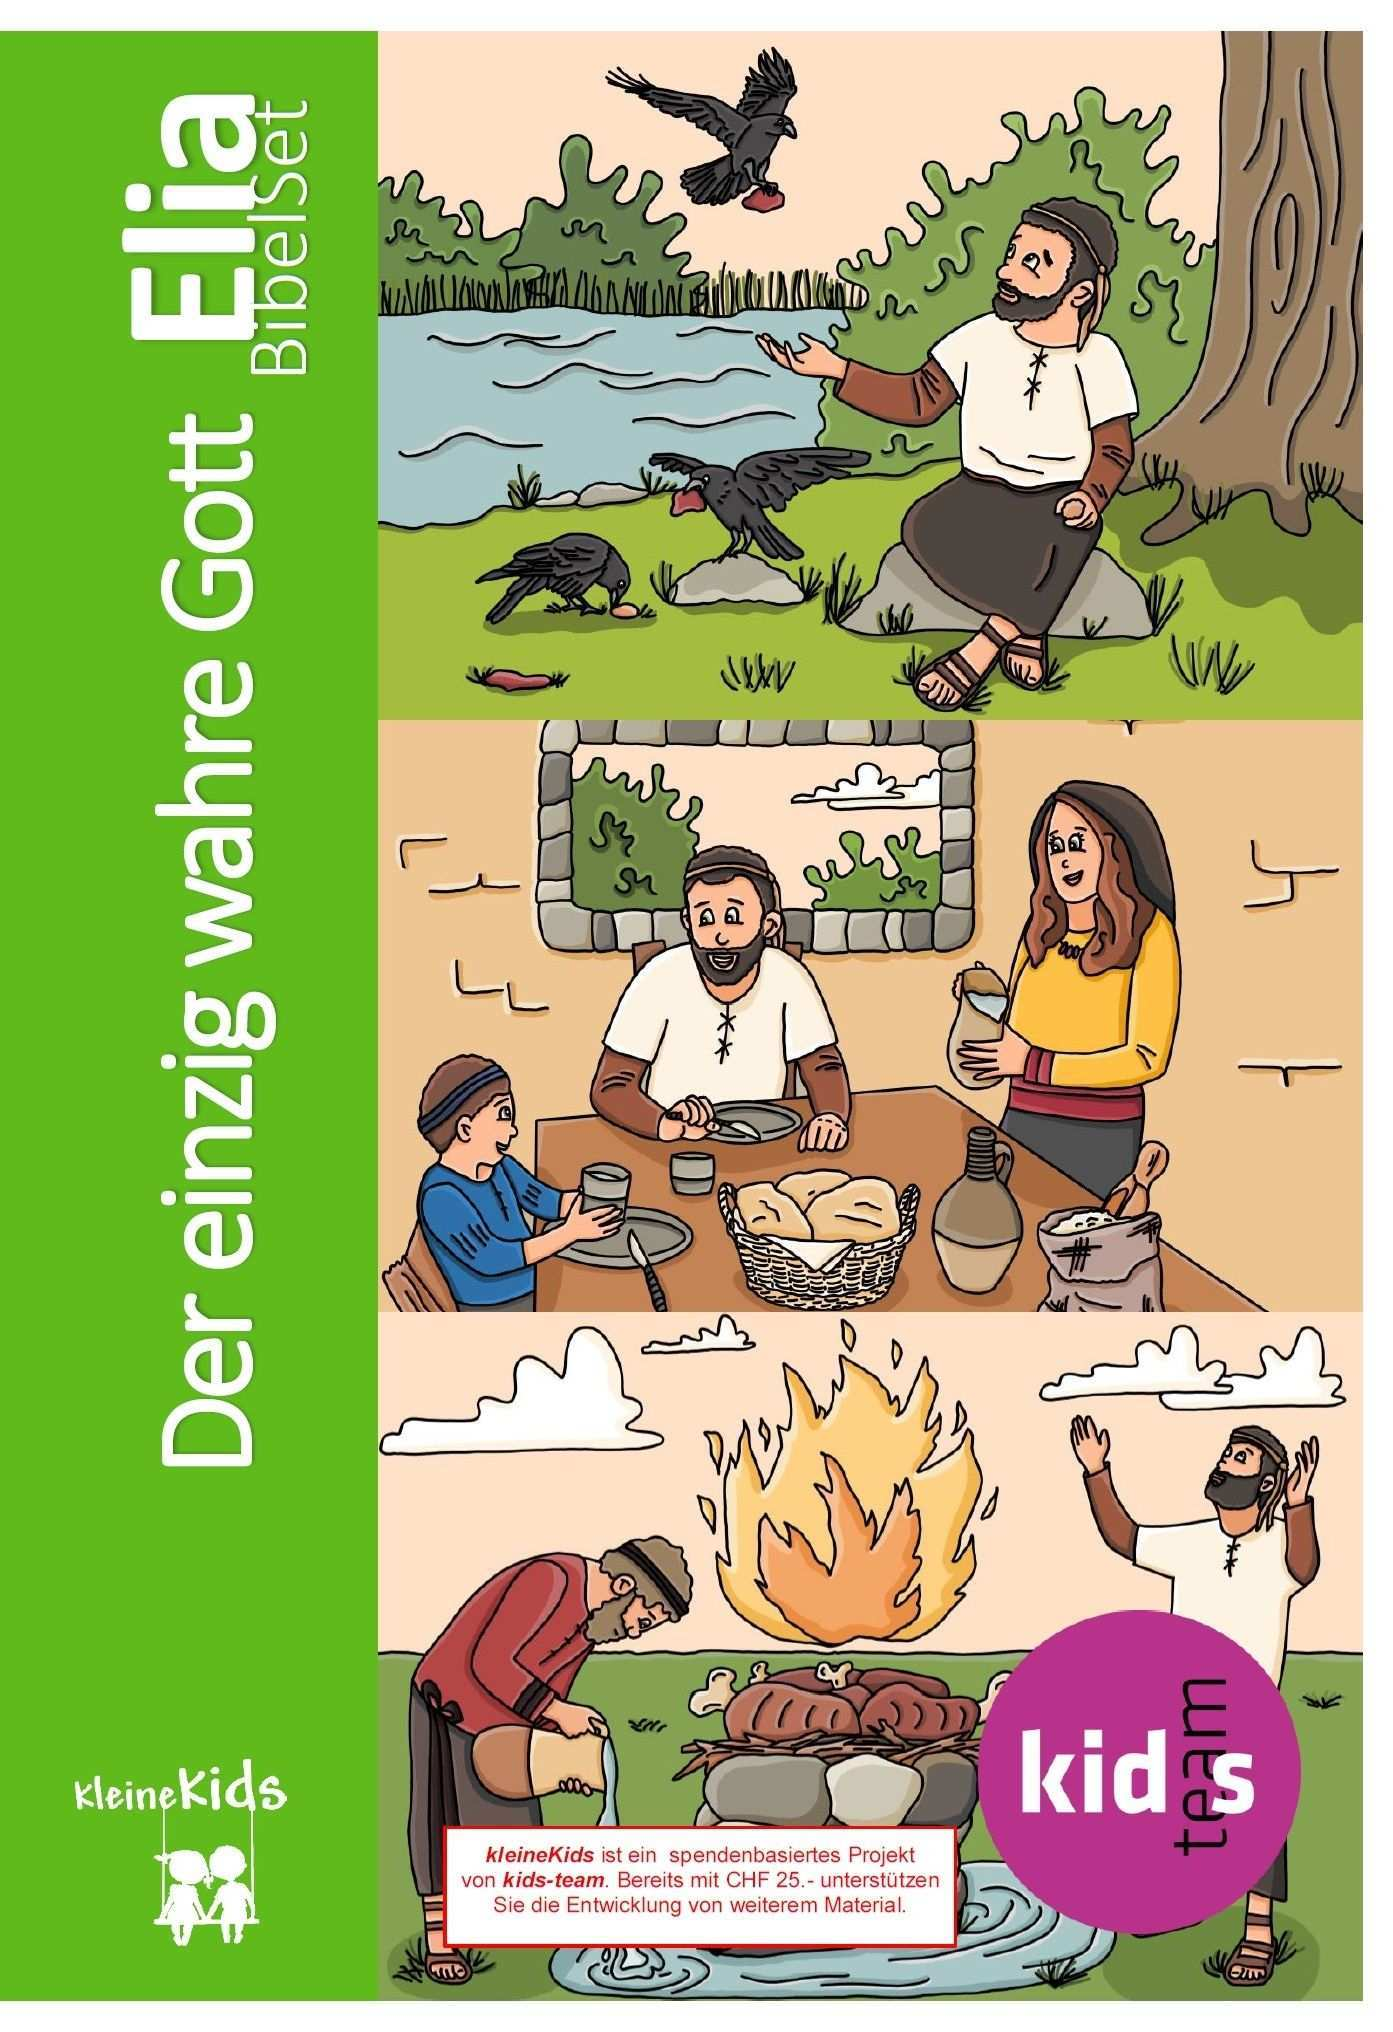 Elia Bibelgeschichten Fur Vorschulkinder Bibel Geschichten Kindergottesdienst Kinderbibel